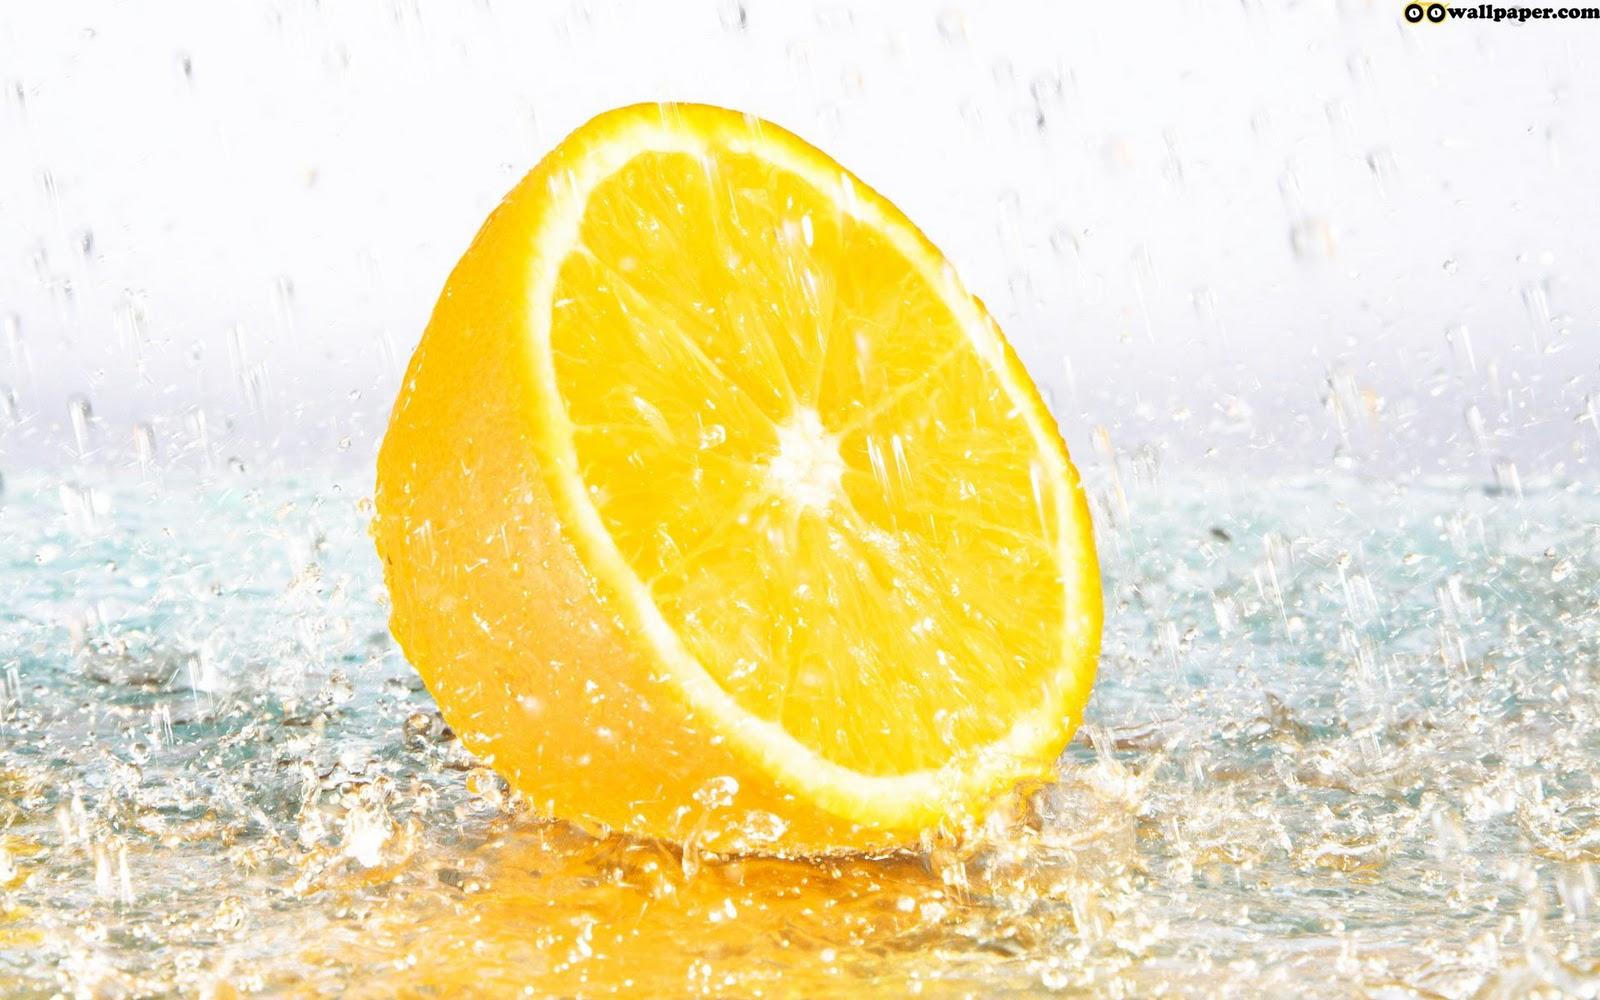 http://3.bp.blogspot.com/-FpwMgyBR1TA/Txkd_cse5hI/AAAAAAAAD30/d75vUF7_apk/s1600/oo_food_lemon_water.jpg